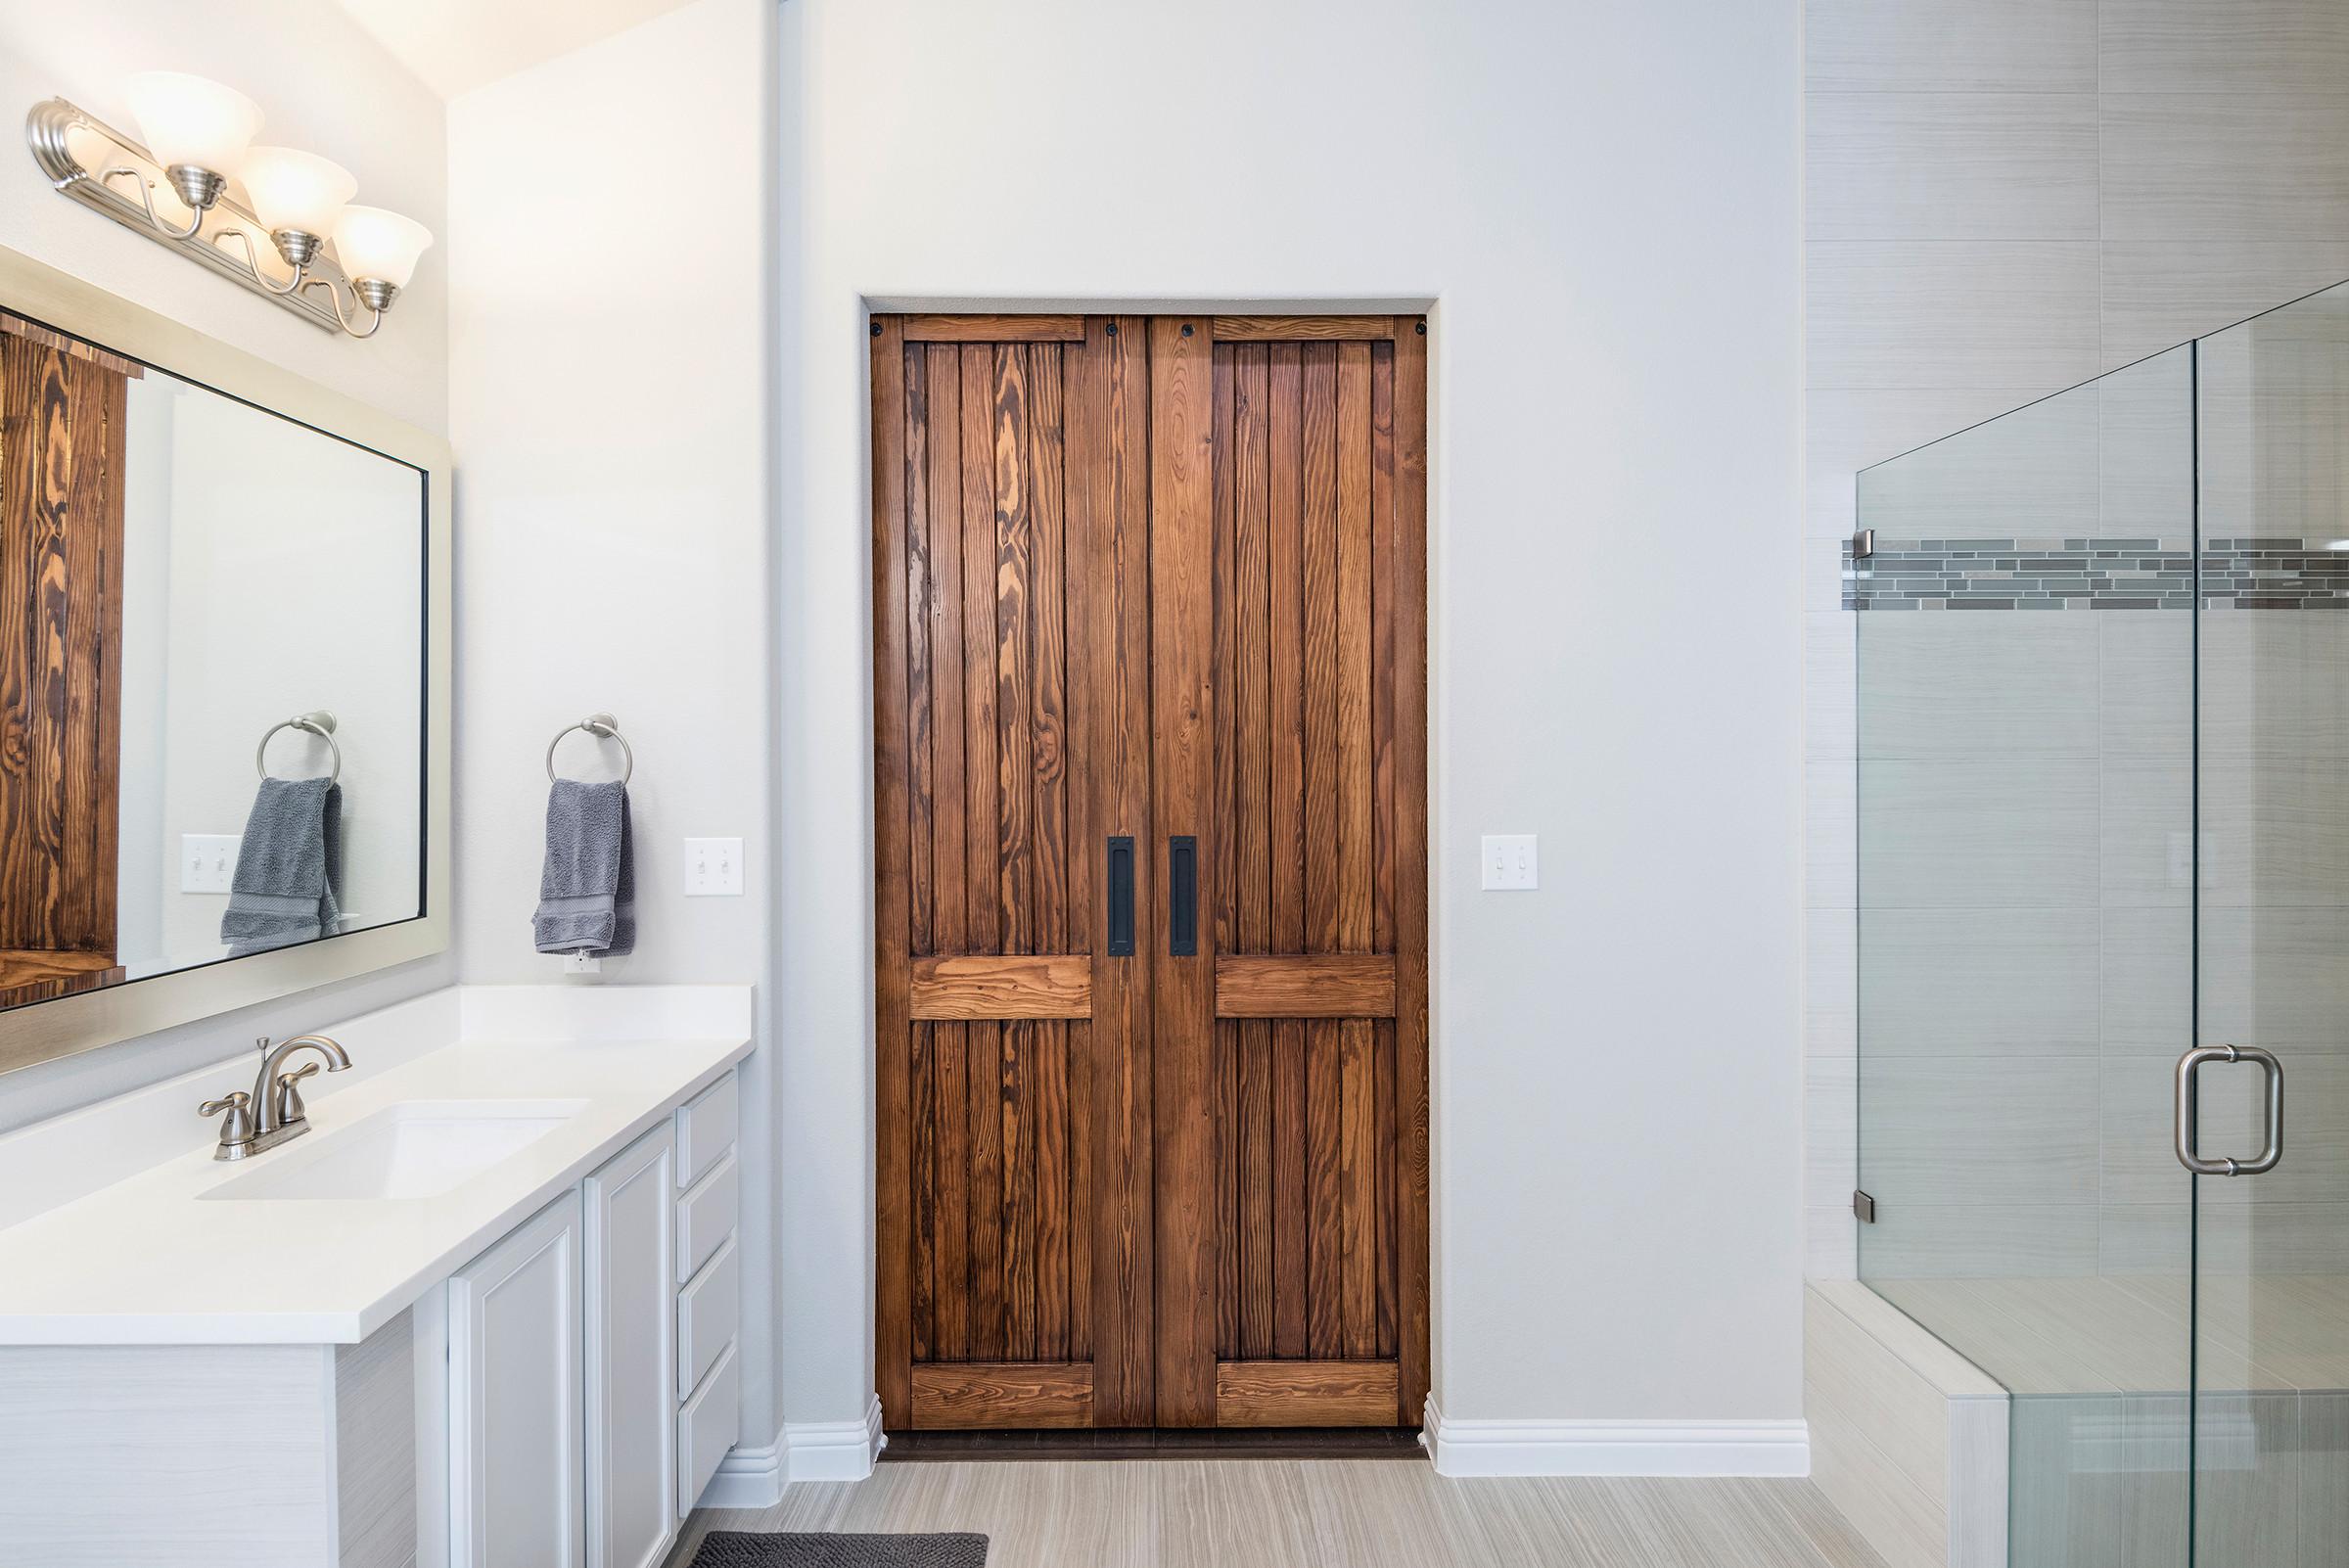 Woodwerd Barn Doors in Leander